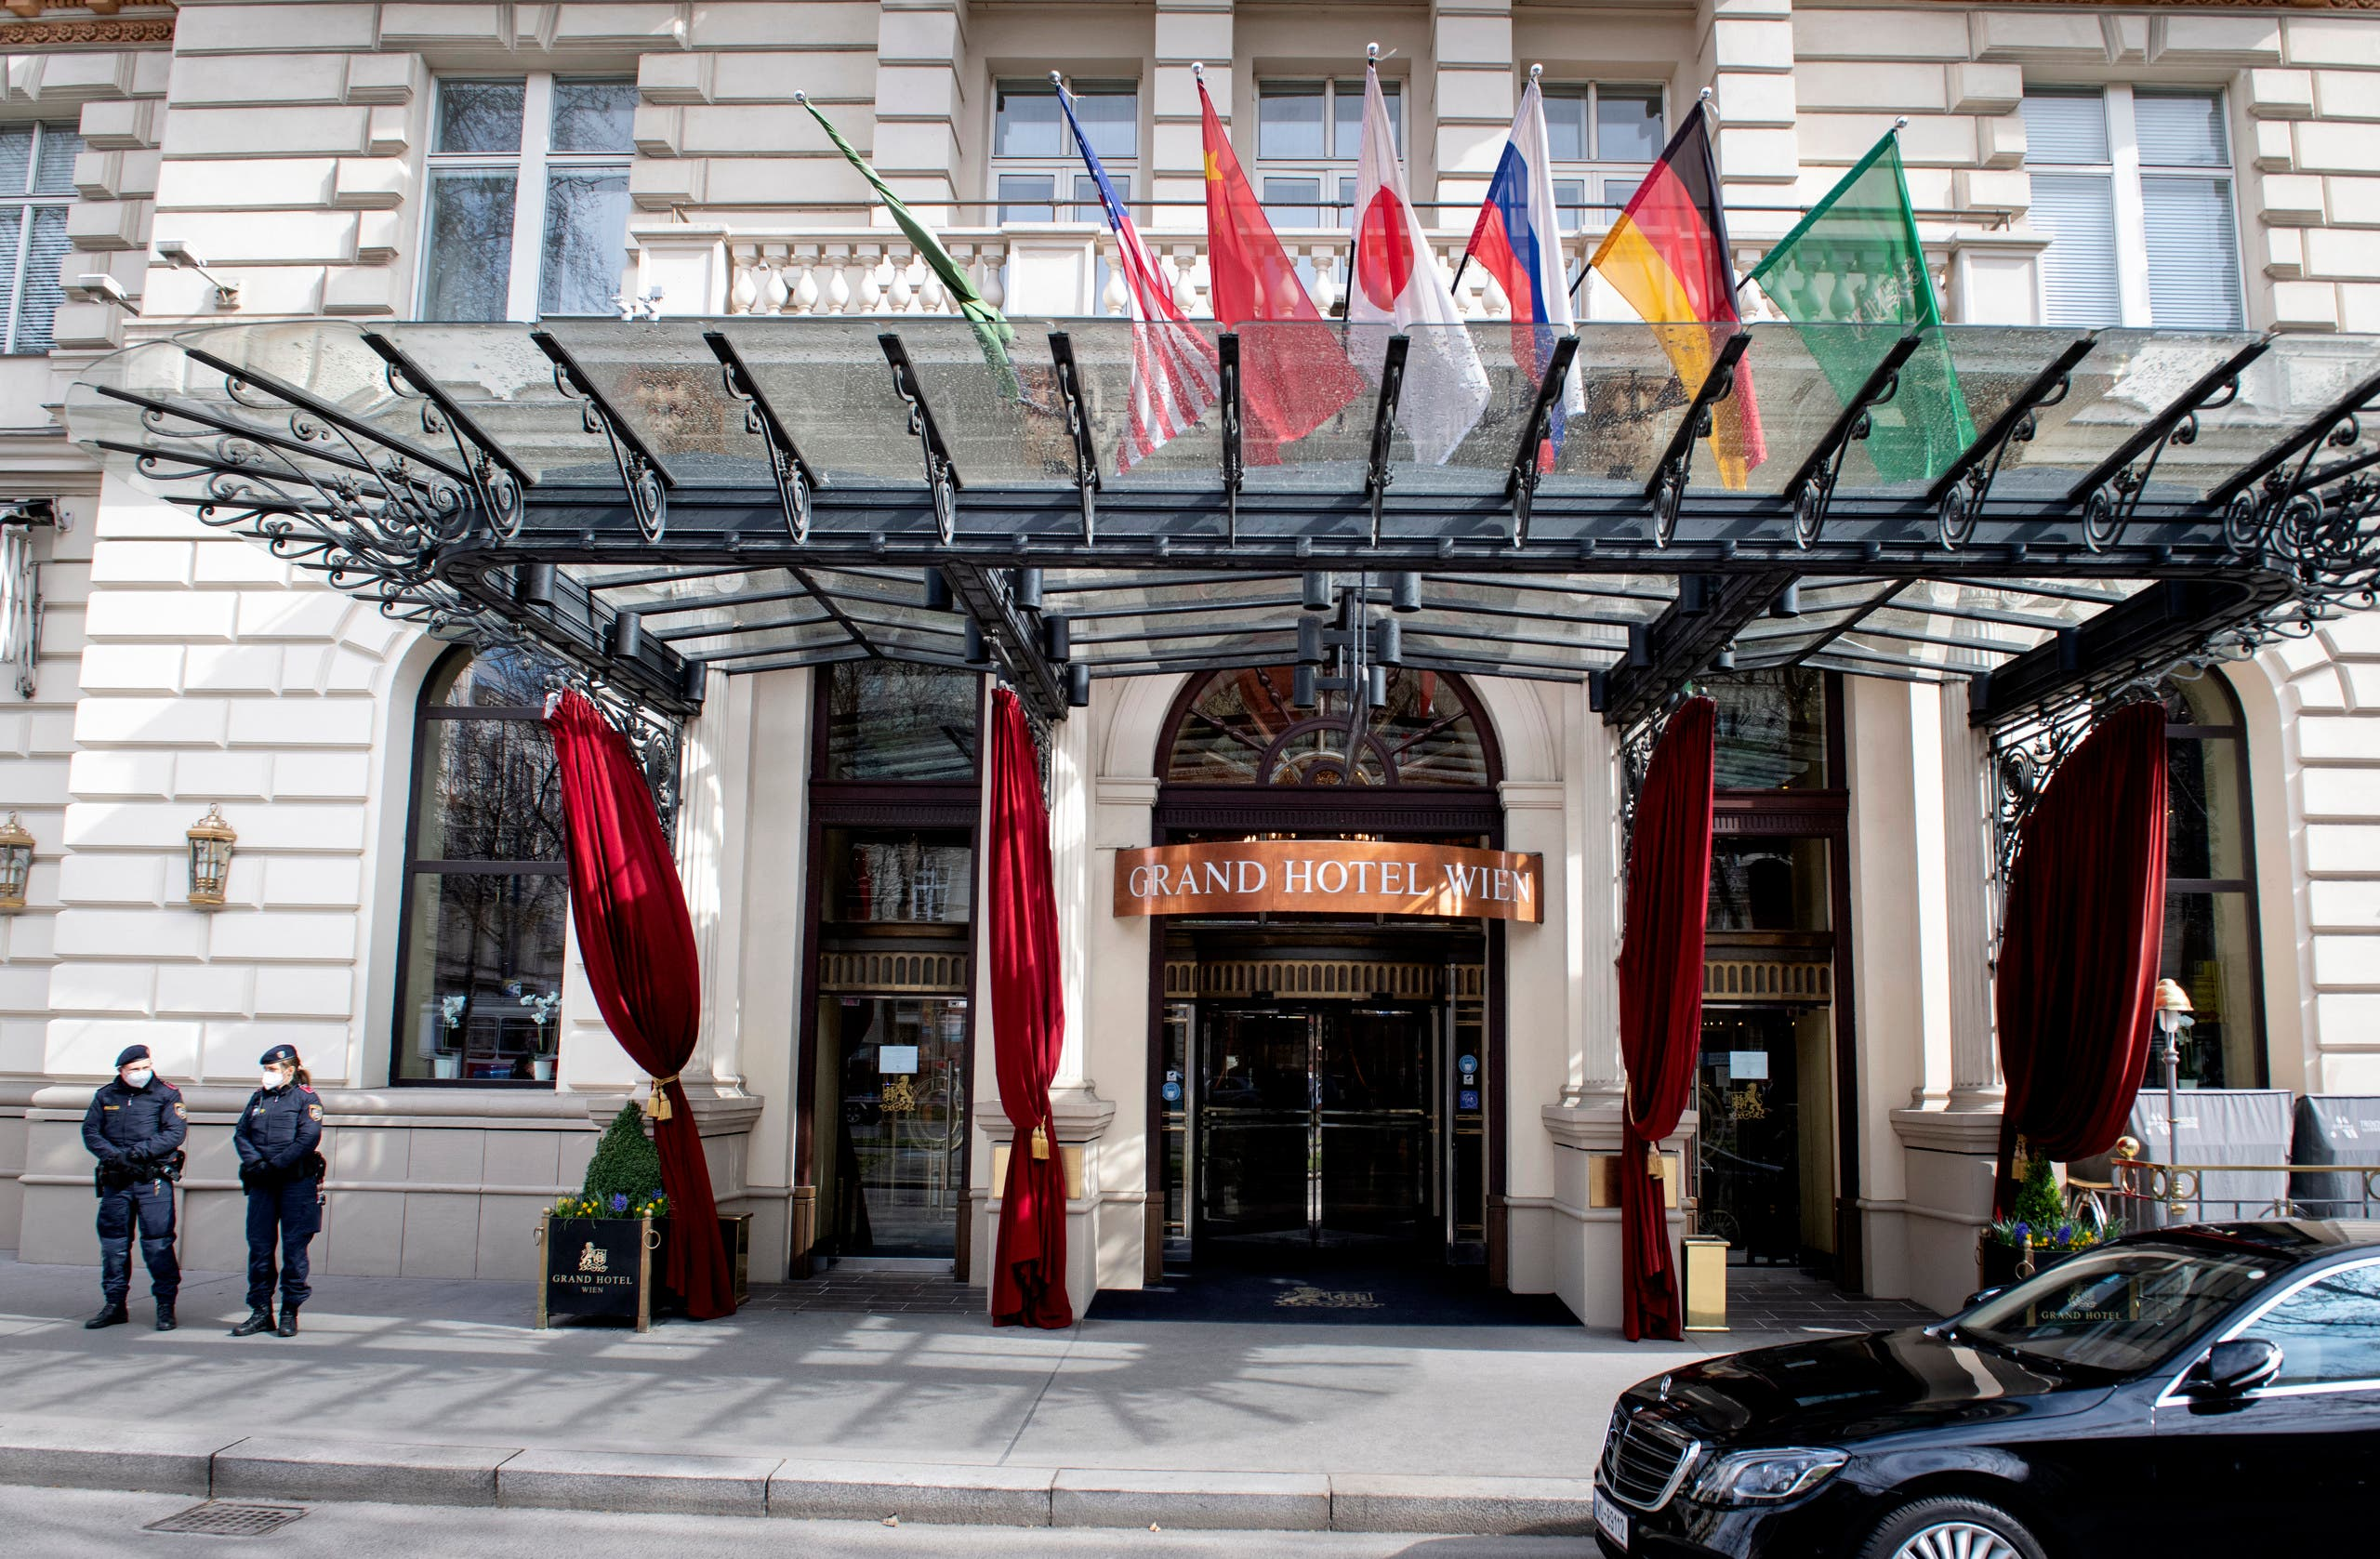 من فندق غراند هوتيل في فيينا حيث تعقد محادثات نووي إيران (أرشيفية- فرانس برس)